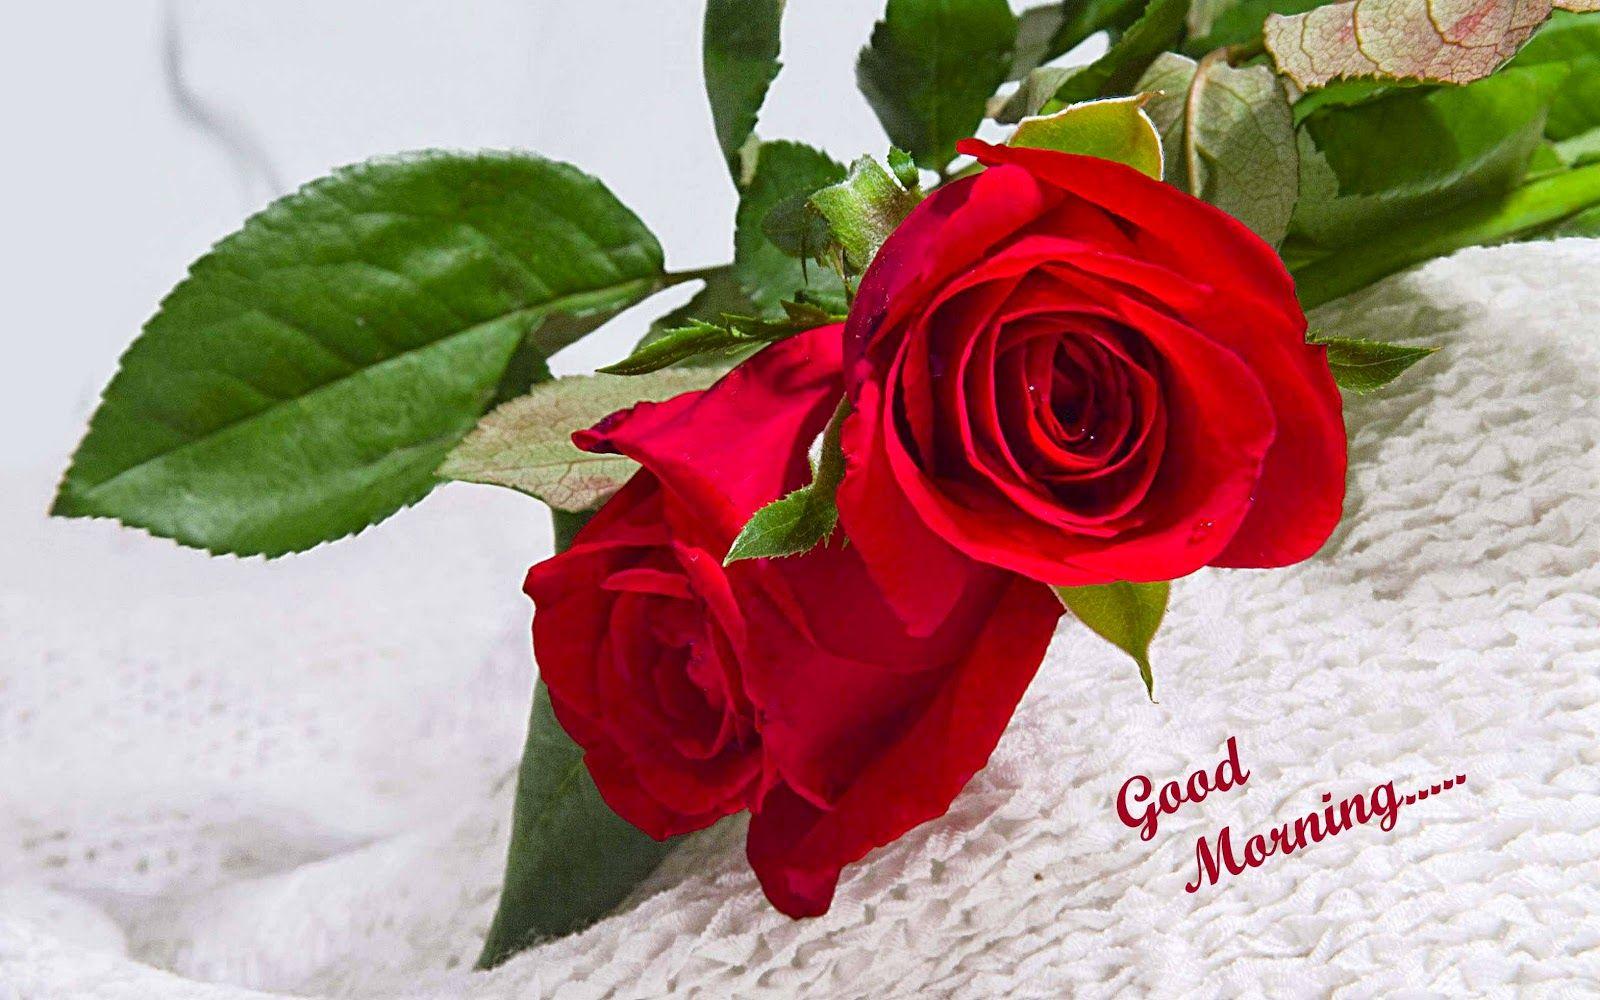 Buenas noches con bellas rosas good morning hd images with flowers buenas noches con bellas rosas good morning hd images with flowers good morning flower images izmirmasajfo